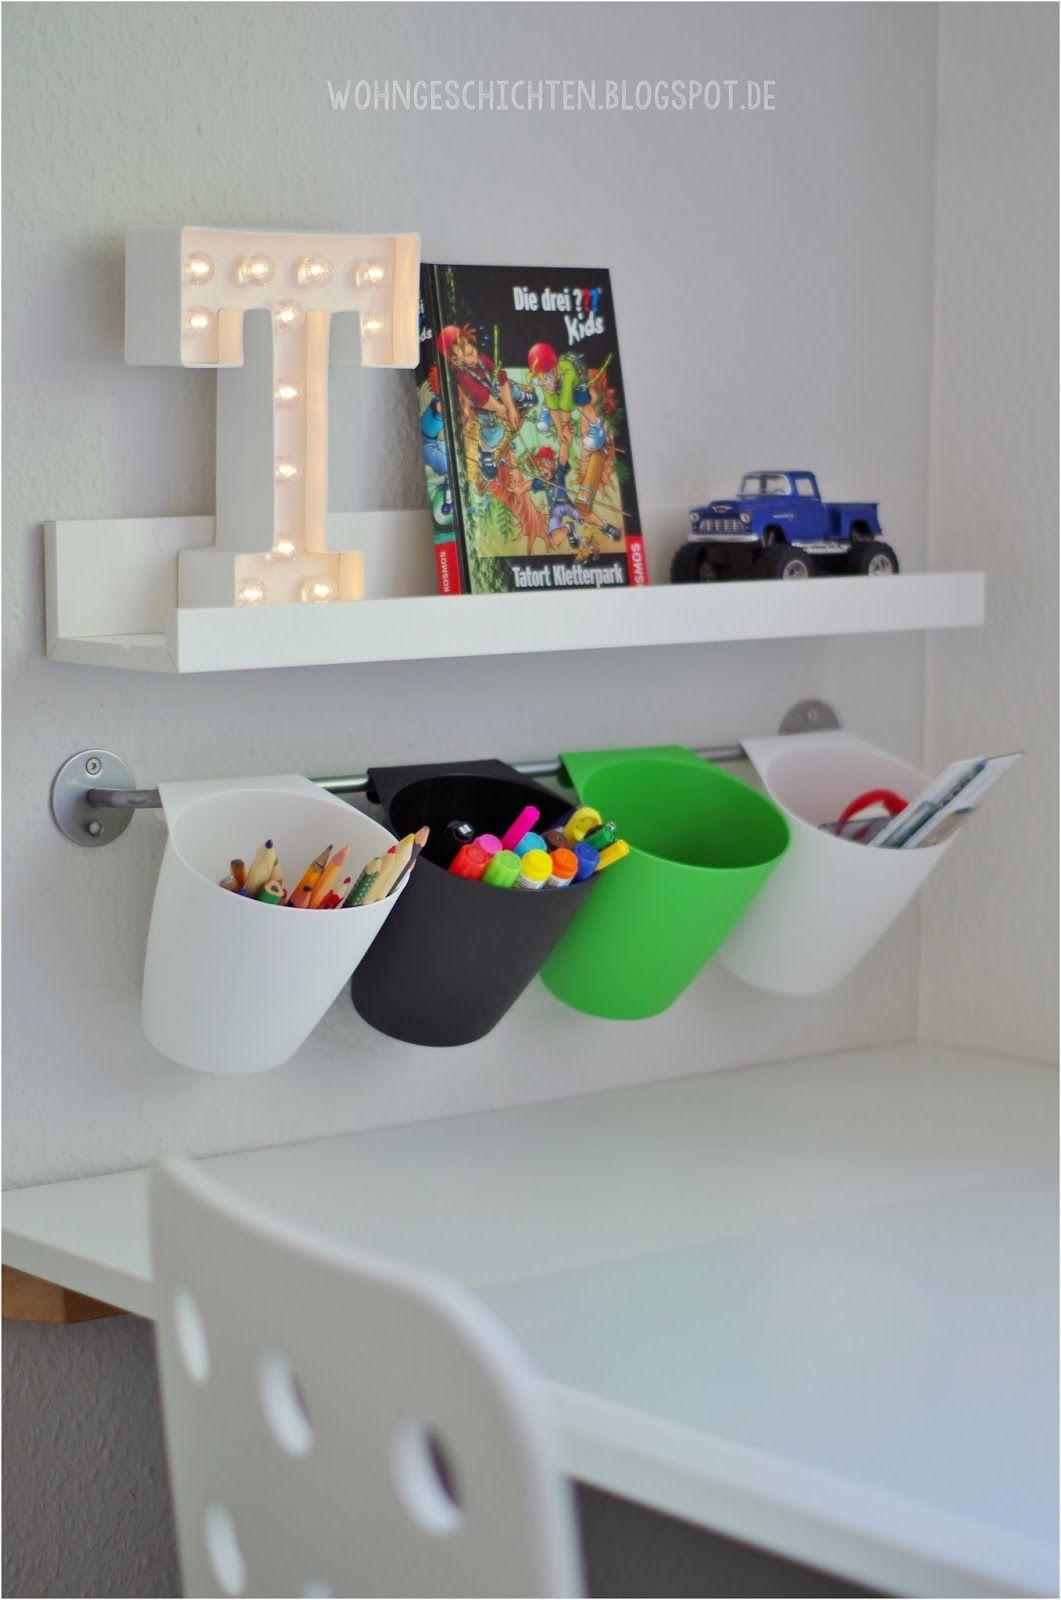 Hellweg Kinderzimmer Etagenbett Schreibtisch Jugendzimmer Baumarkt ...